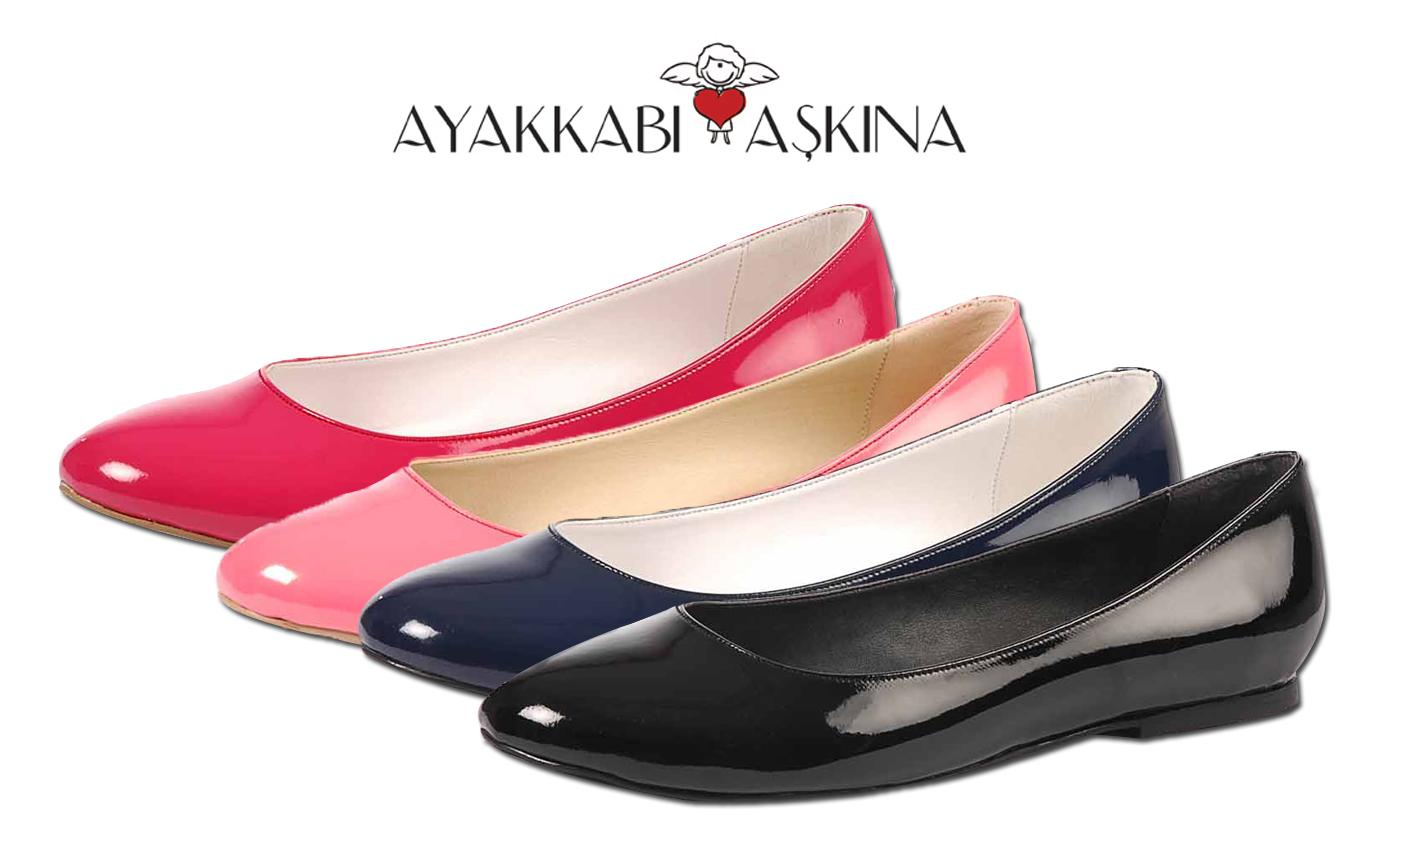 Kadın Ayakkabı Modelleri 42 Numara